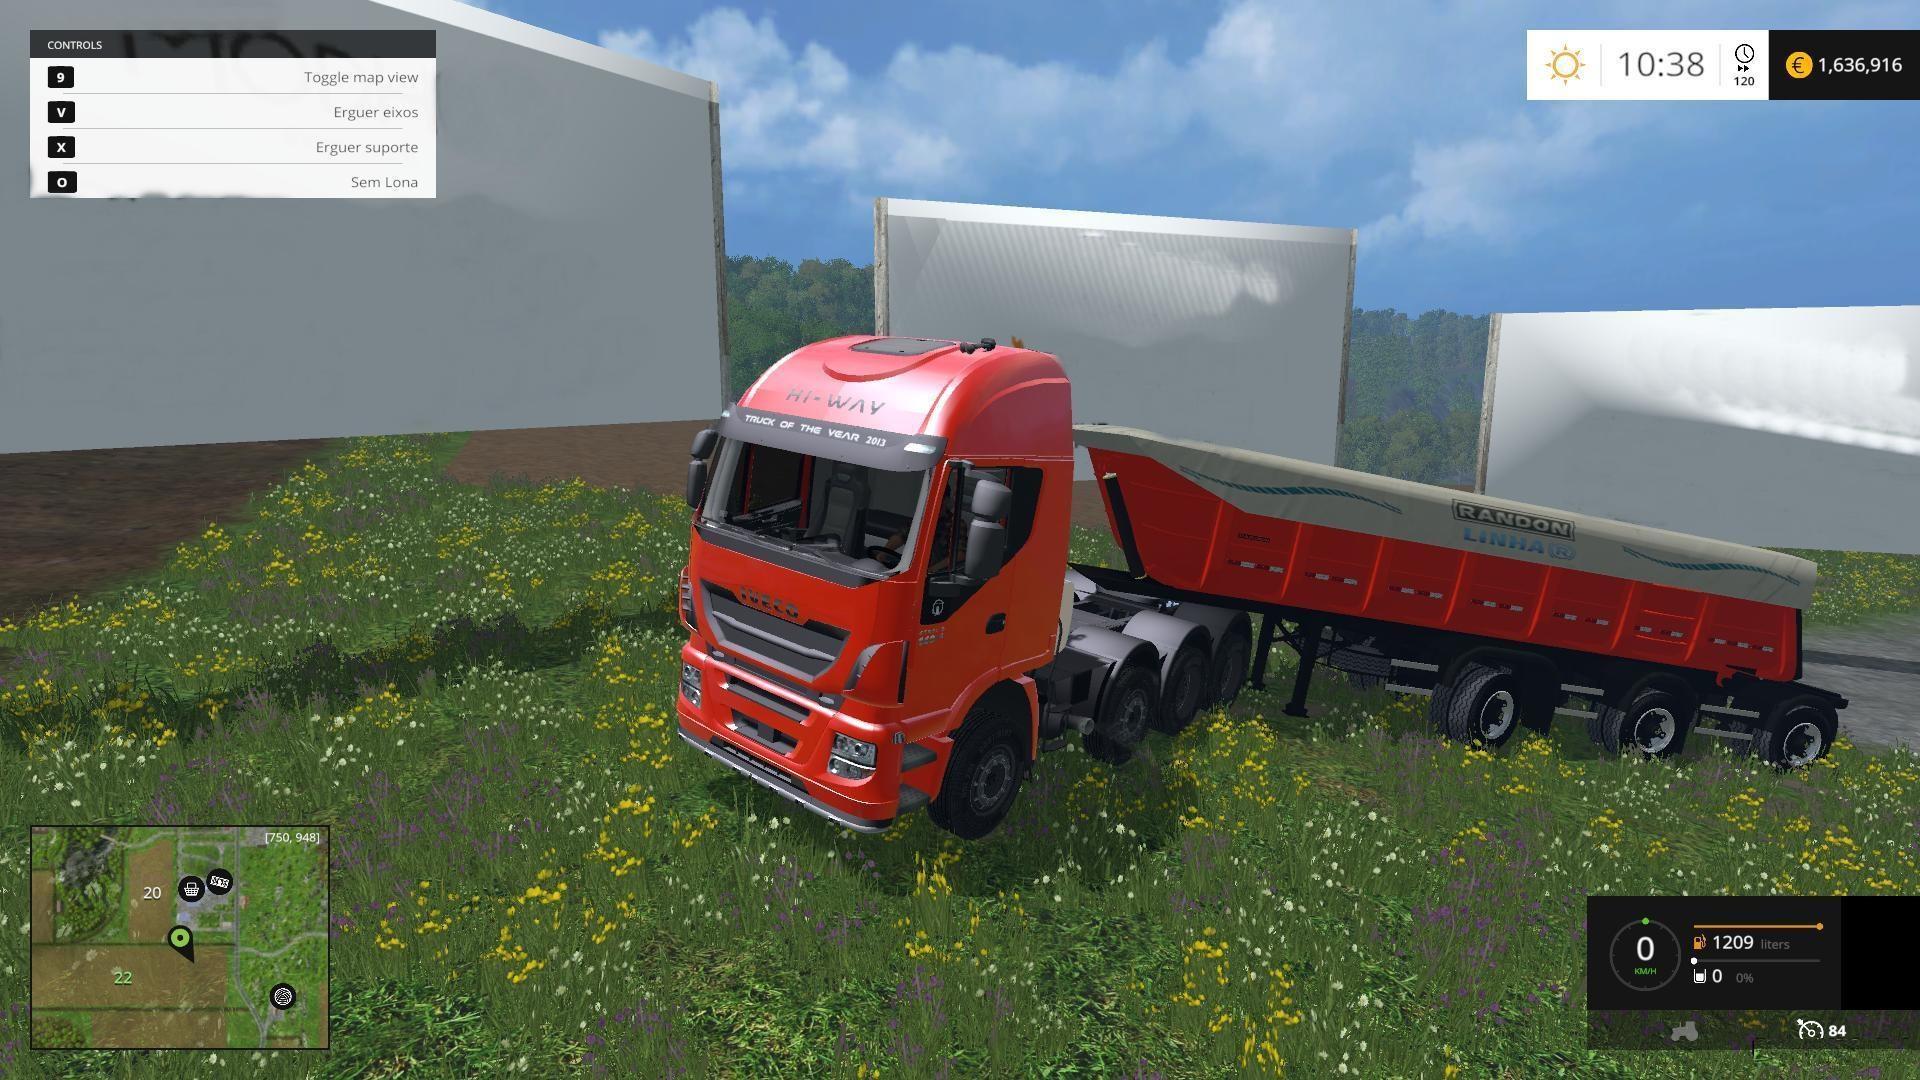 1424170565_iveco-stralis-560-8x4-trailer-v1_1-29